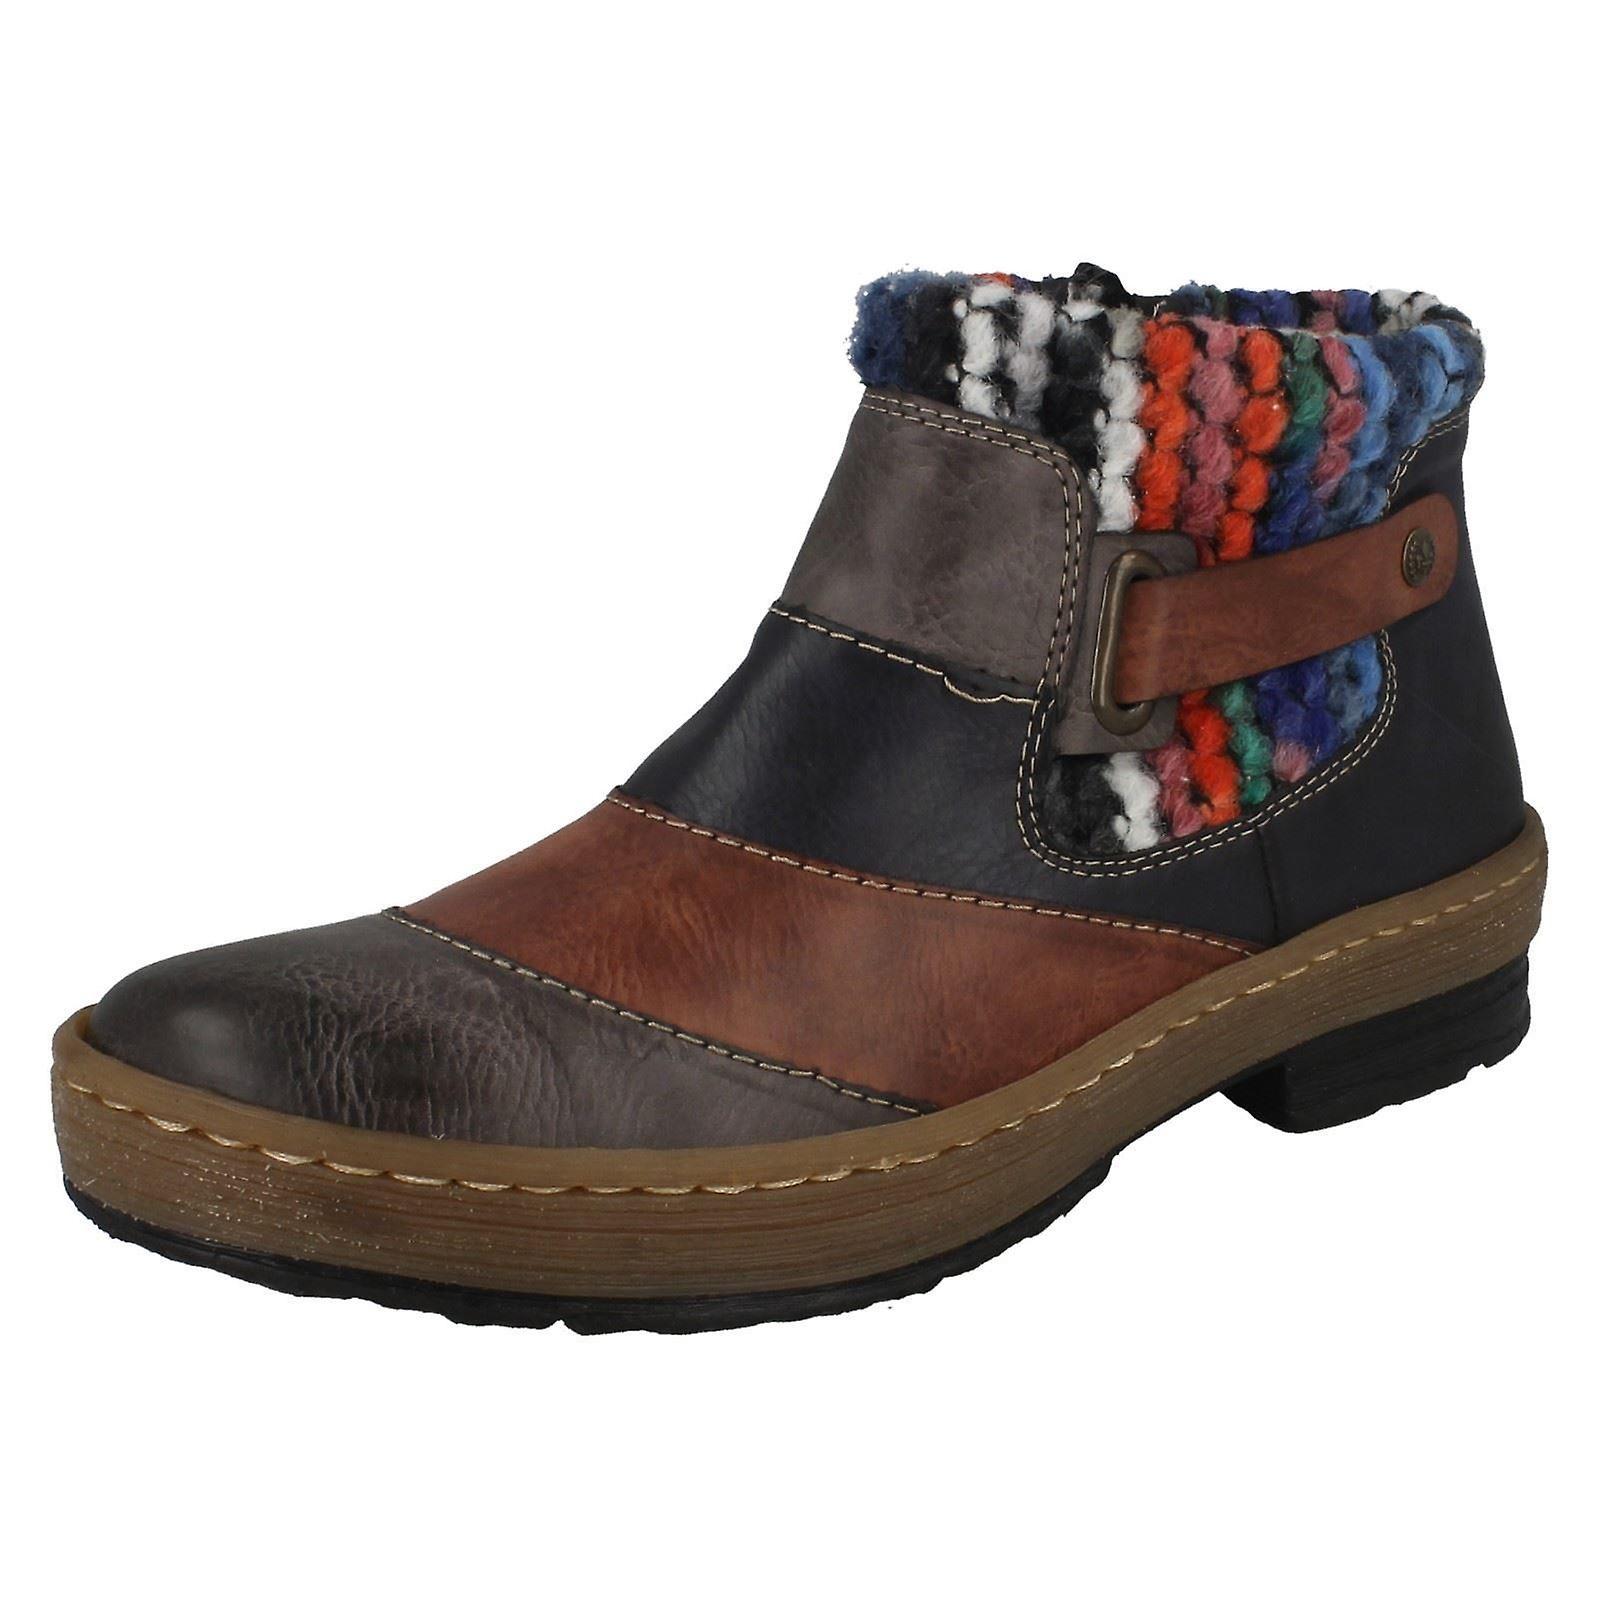 Ladies Rieker støvler 93164 | Fruugo NO